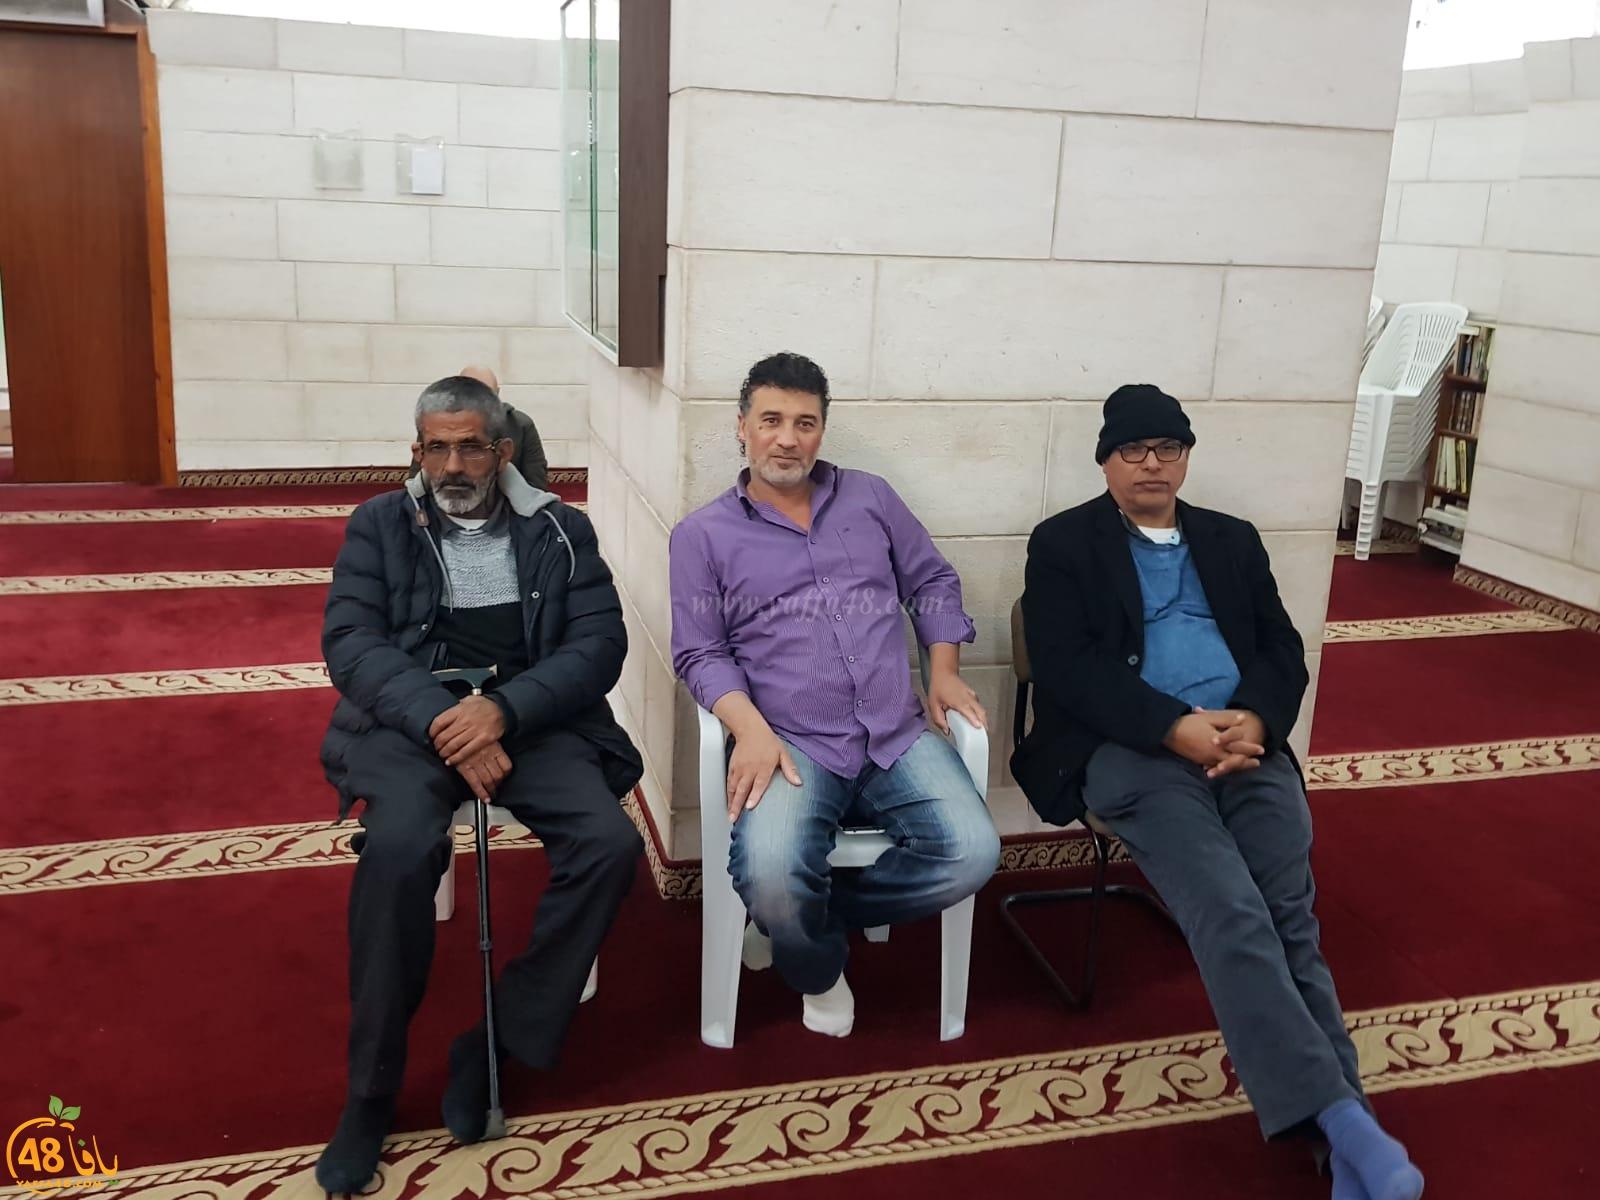 اللد: محاضرة قيمة لفضيلة الشيخ كمال الخطيب تحت عنوان محاسبة النفس